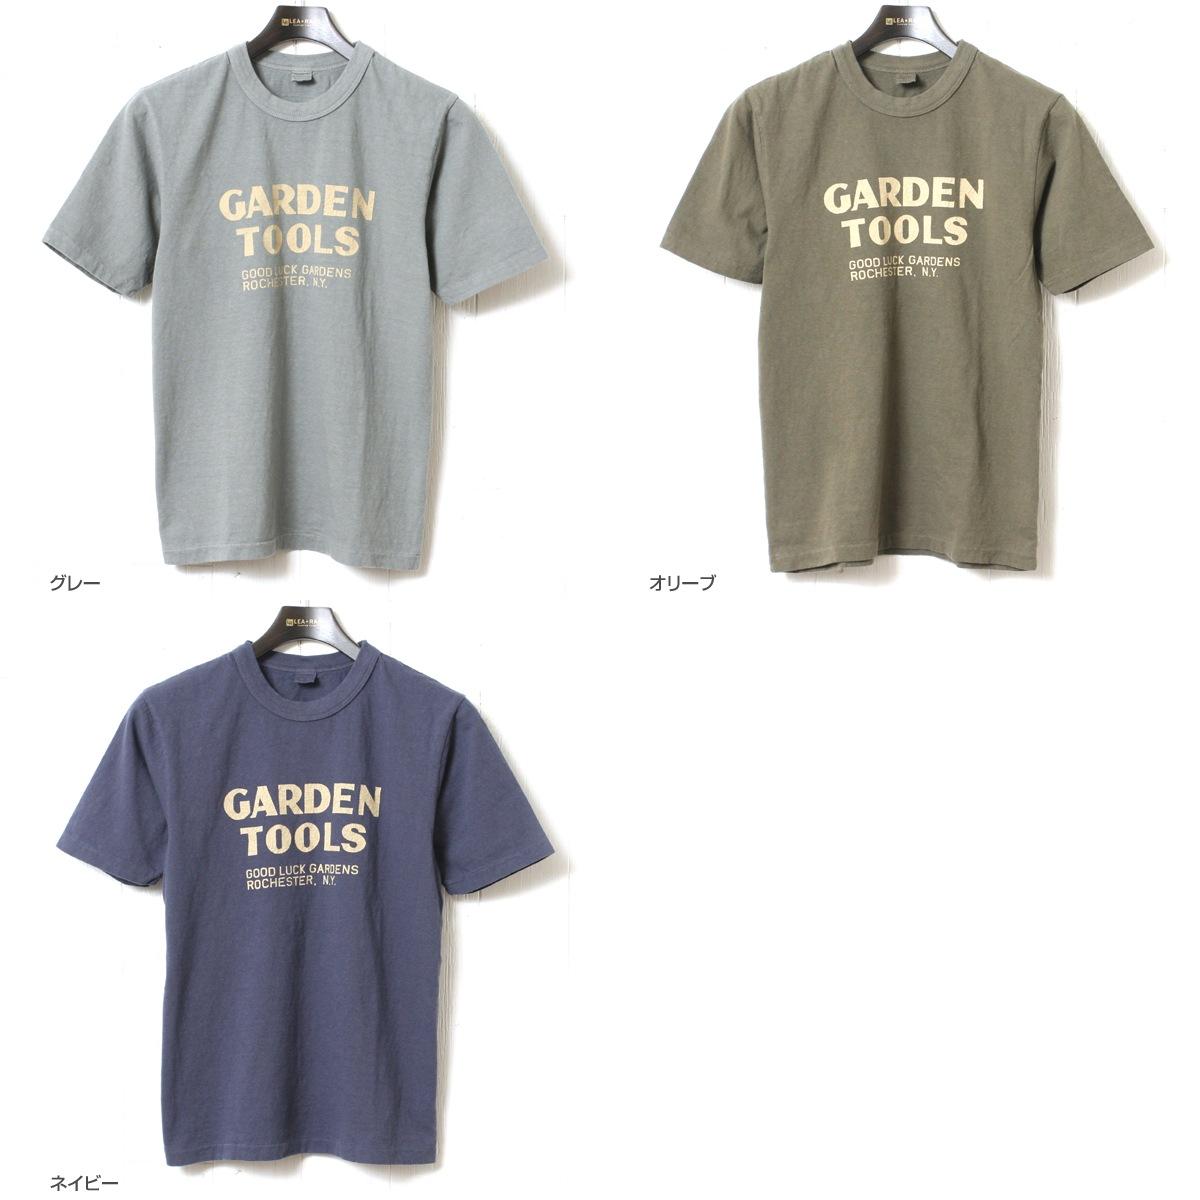 UES ウエス プリントTシャツ [GARDEN TOOLS] 651732